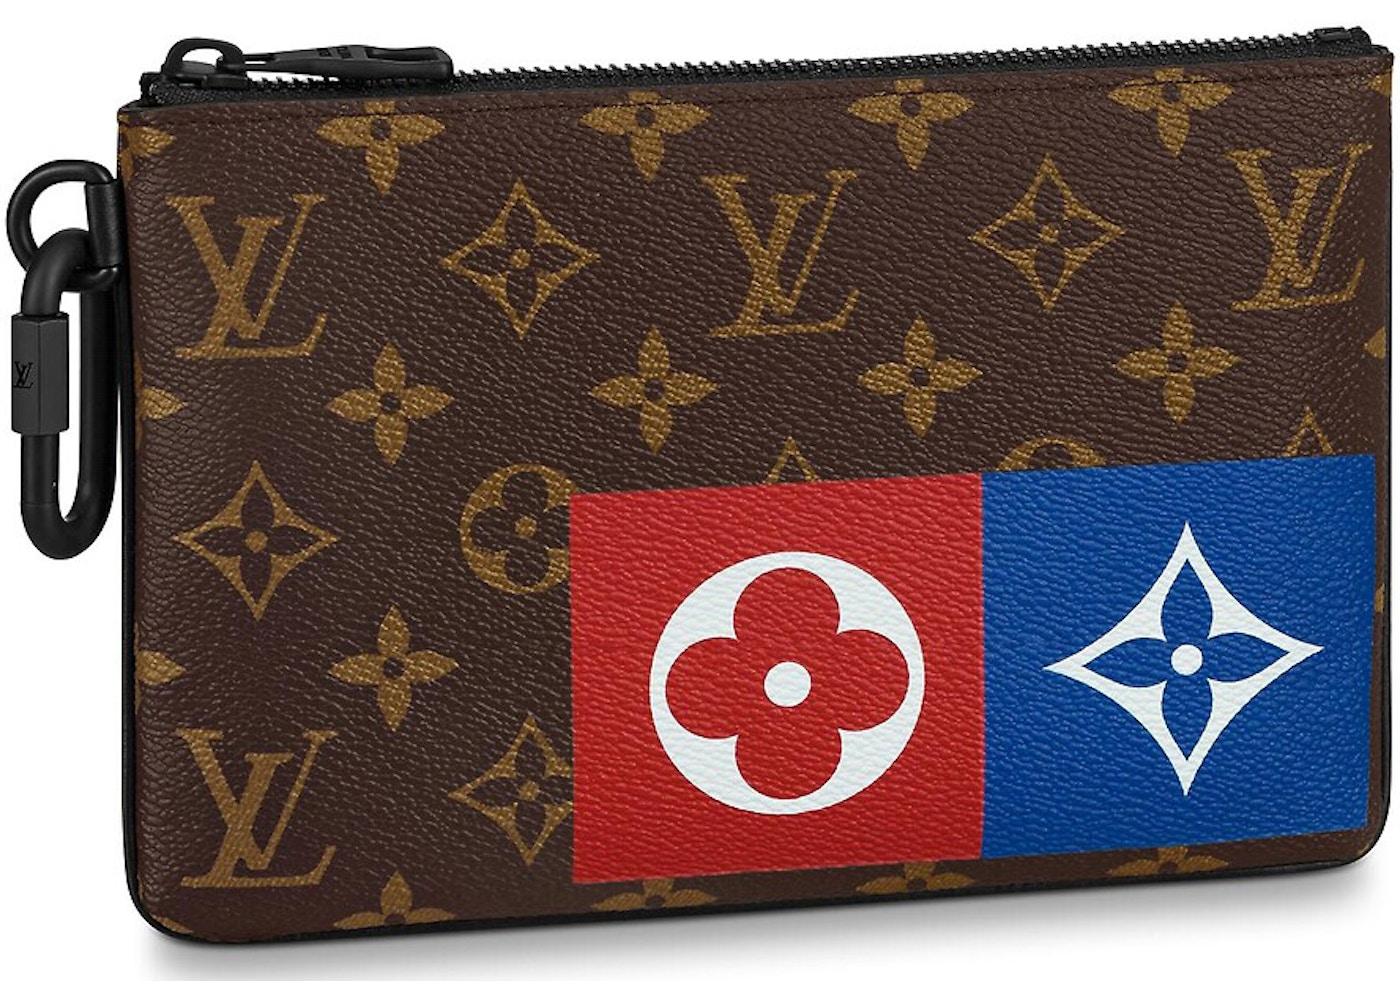 b312b6b45f Louis Vuitton Zipped Pouch Monogram Logo Story MM Brown